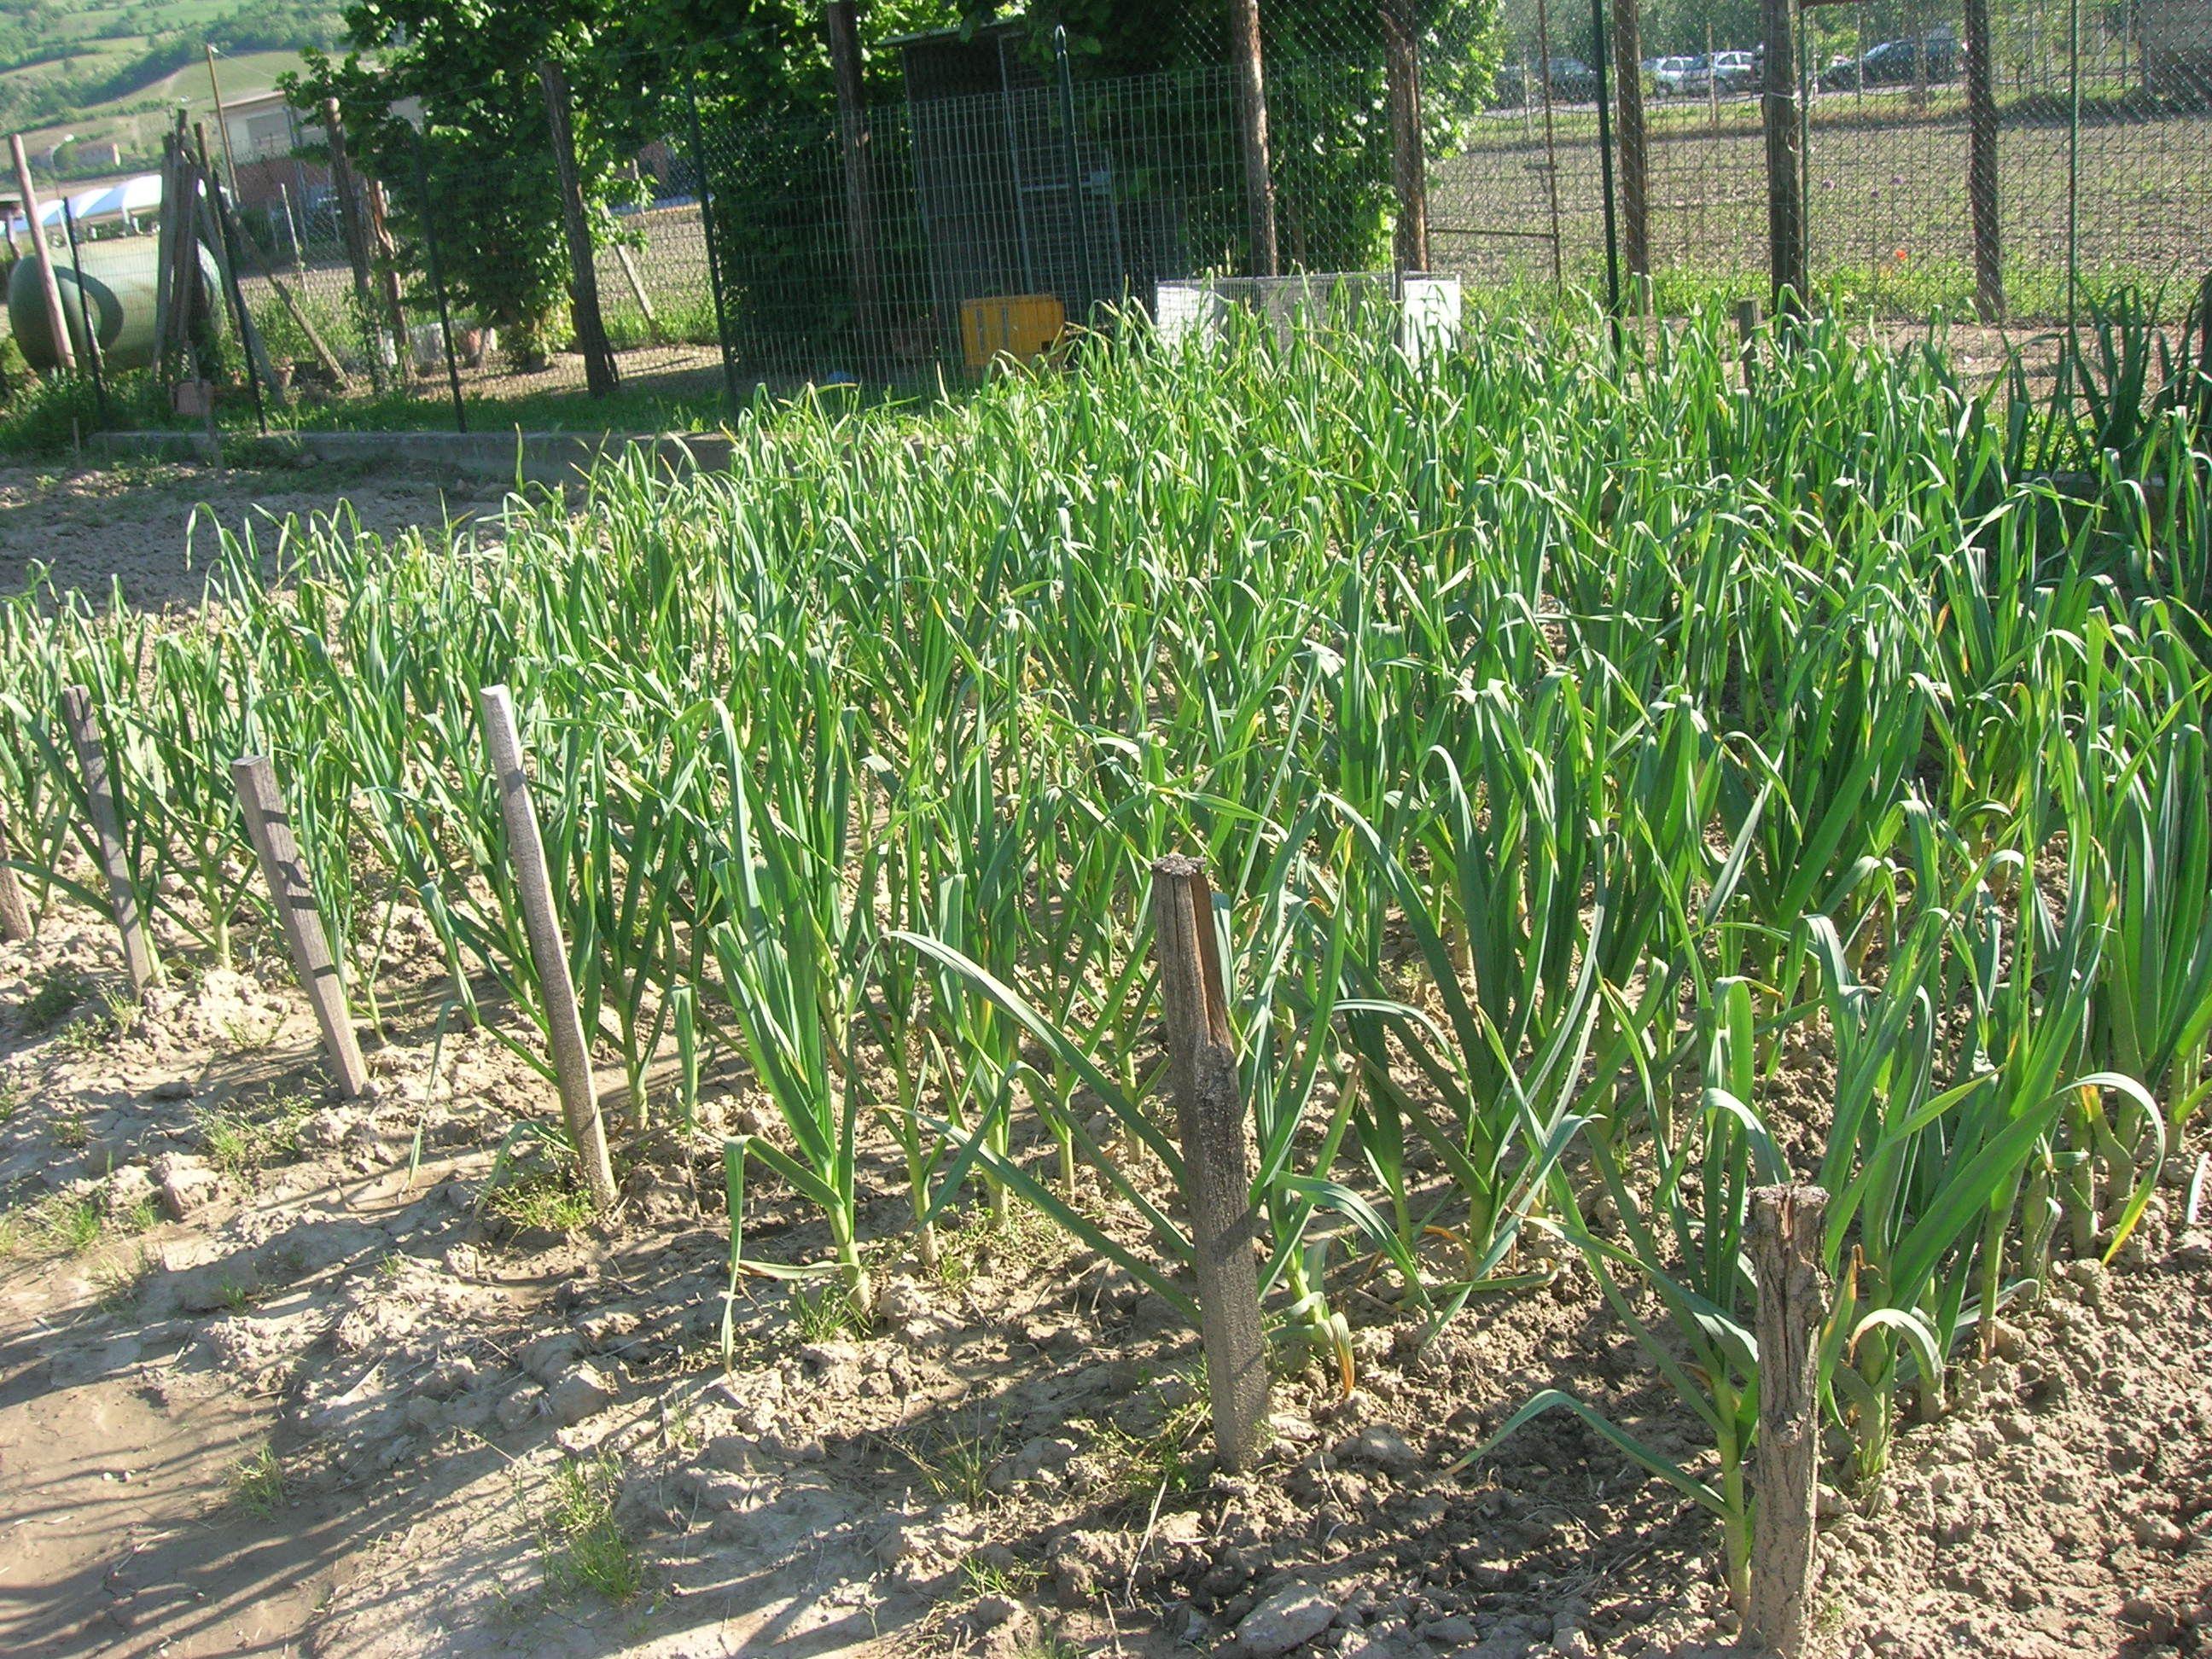 Primav 2014:L'aglio messo a dimora ad Ottobre ha resistito bene ai freddi ed adesso è in pieno sviluppo...........................Garlic planted in October stood up well to the cold and is now in full developmentand